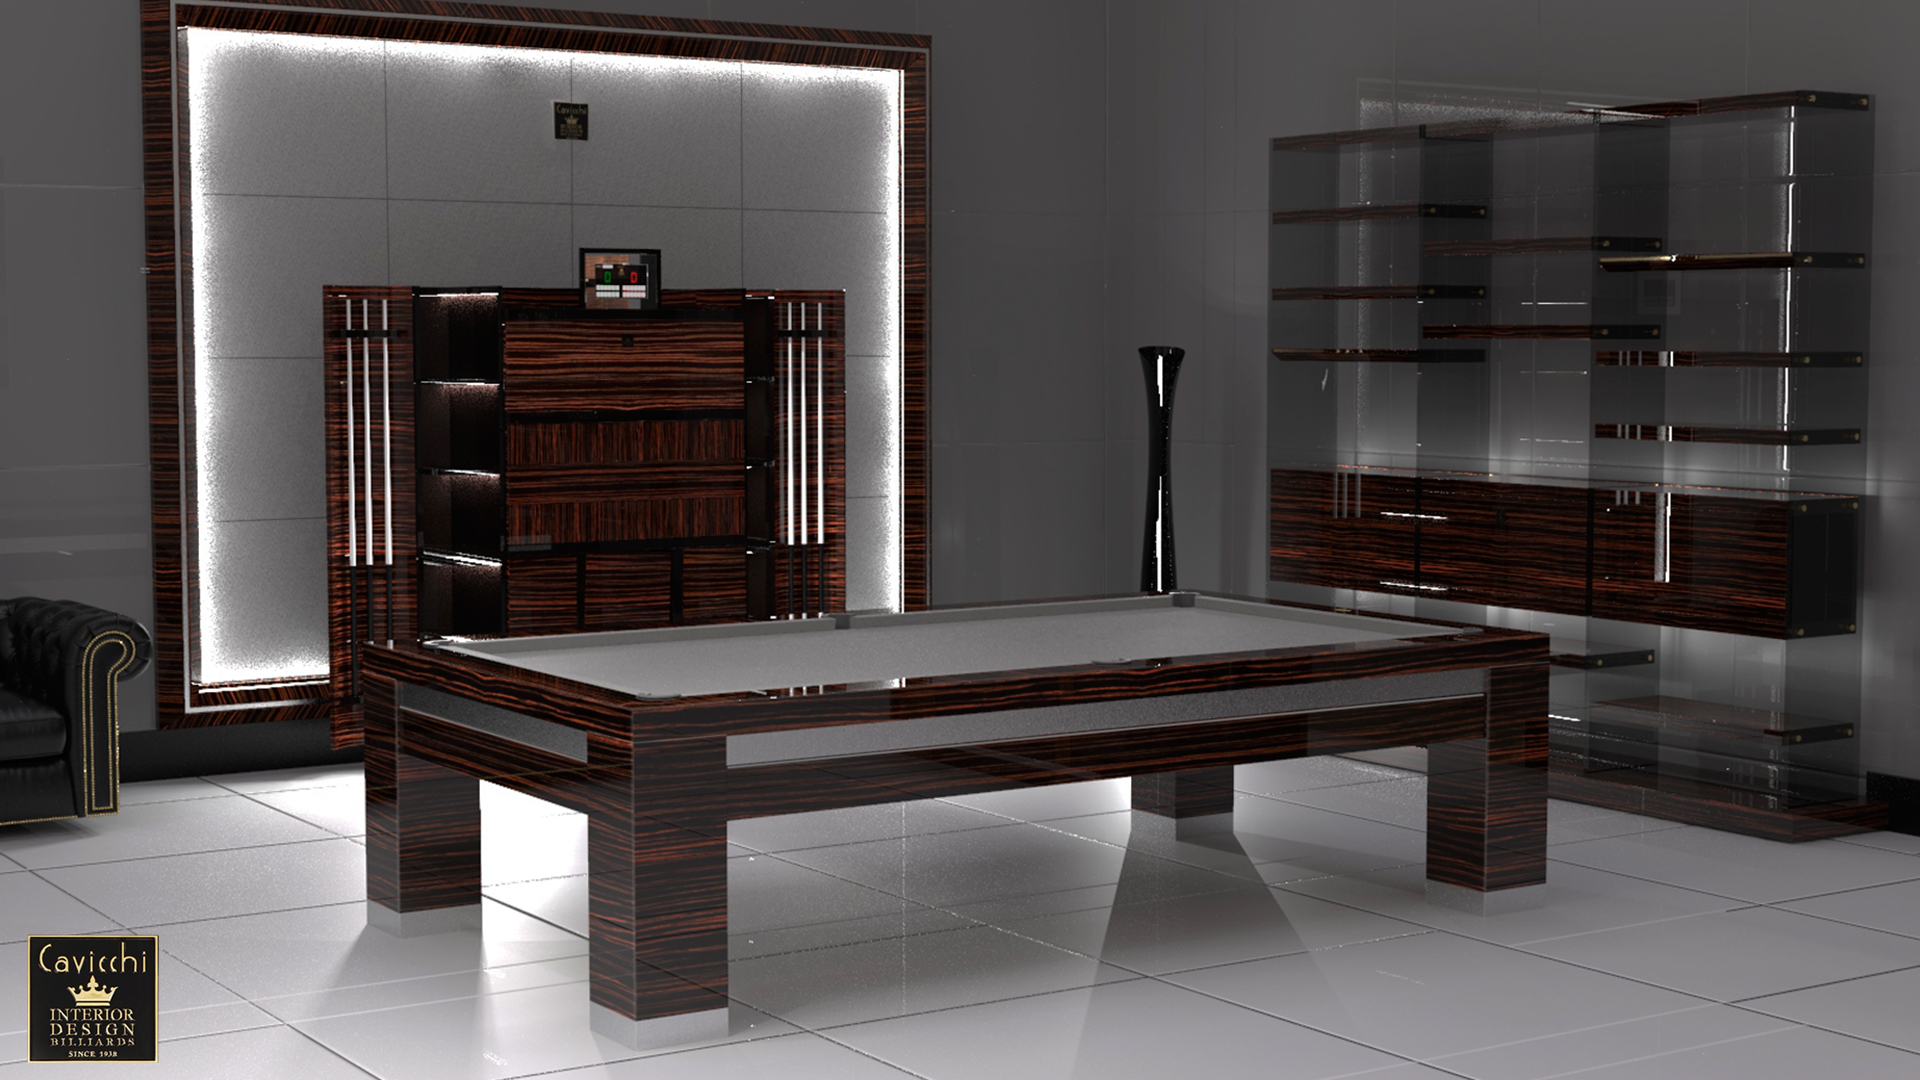 Cayman Billiard Pool Table - Showroom Shop 3